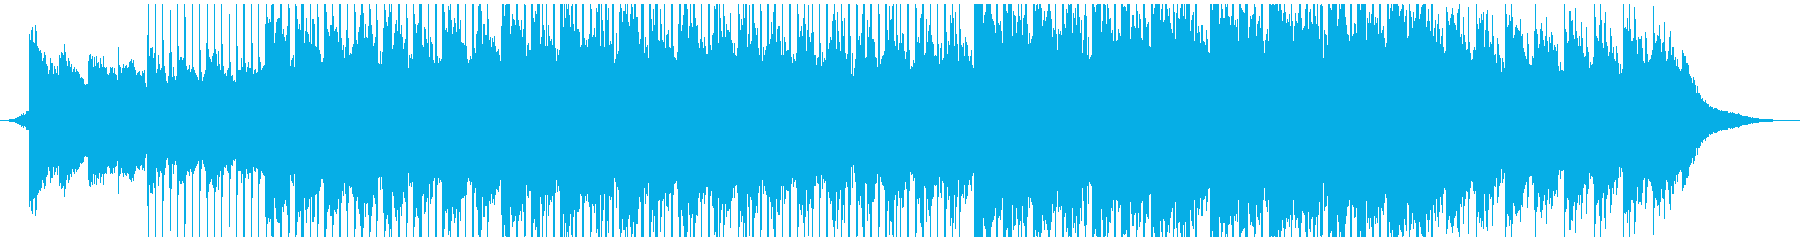 アンビエントミュージック 心に強く...の再生済みの波形